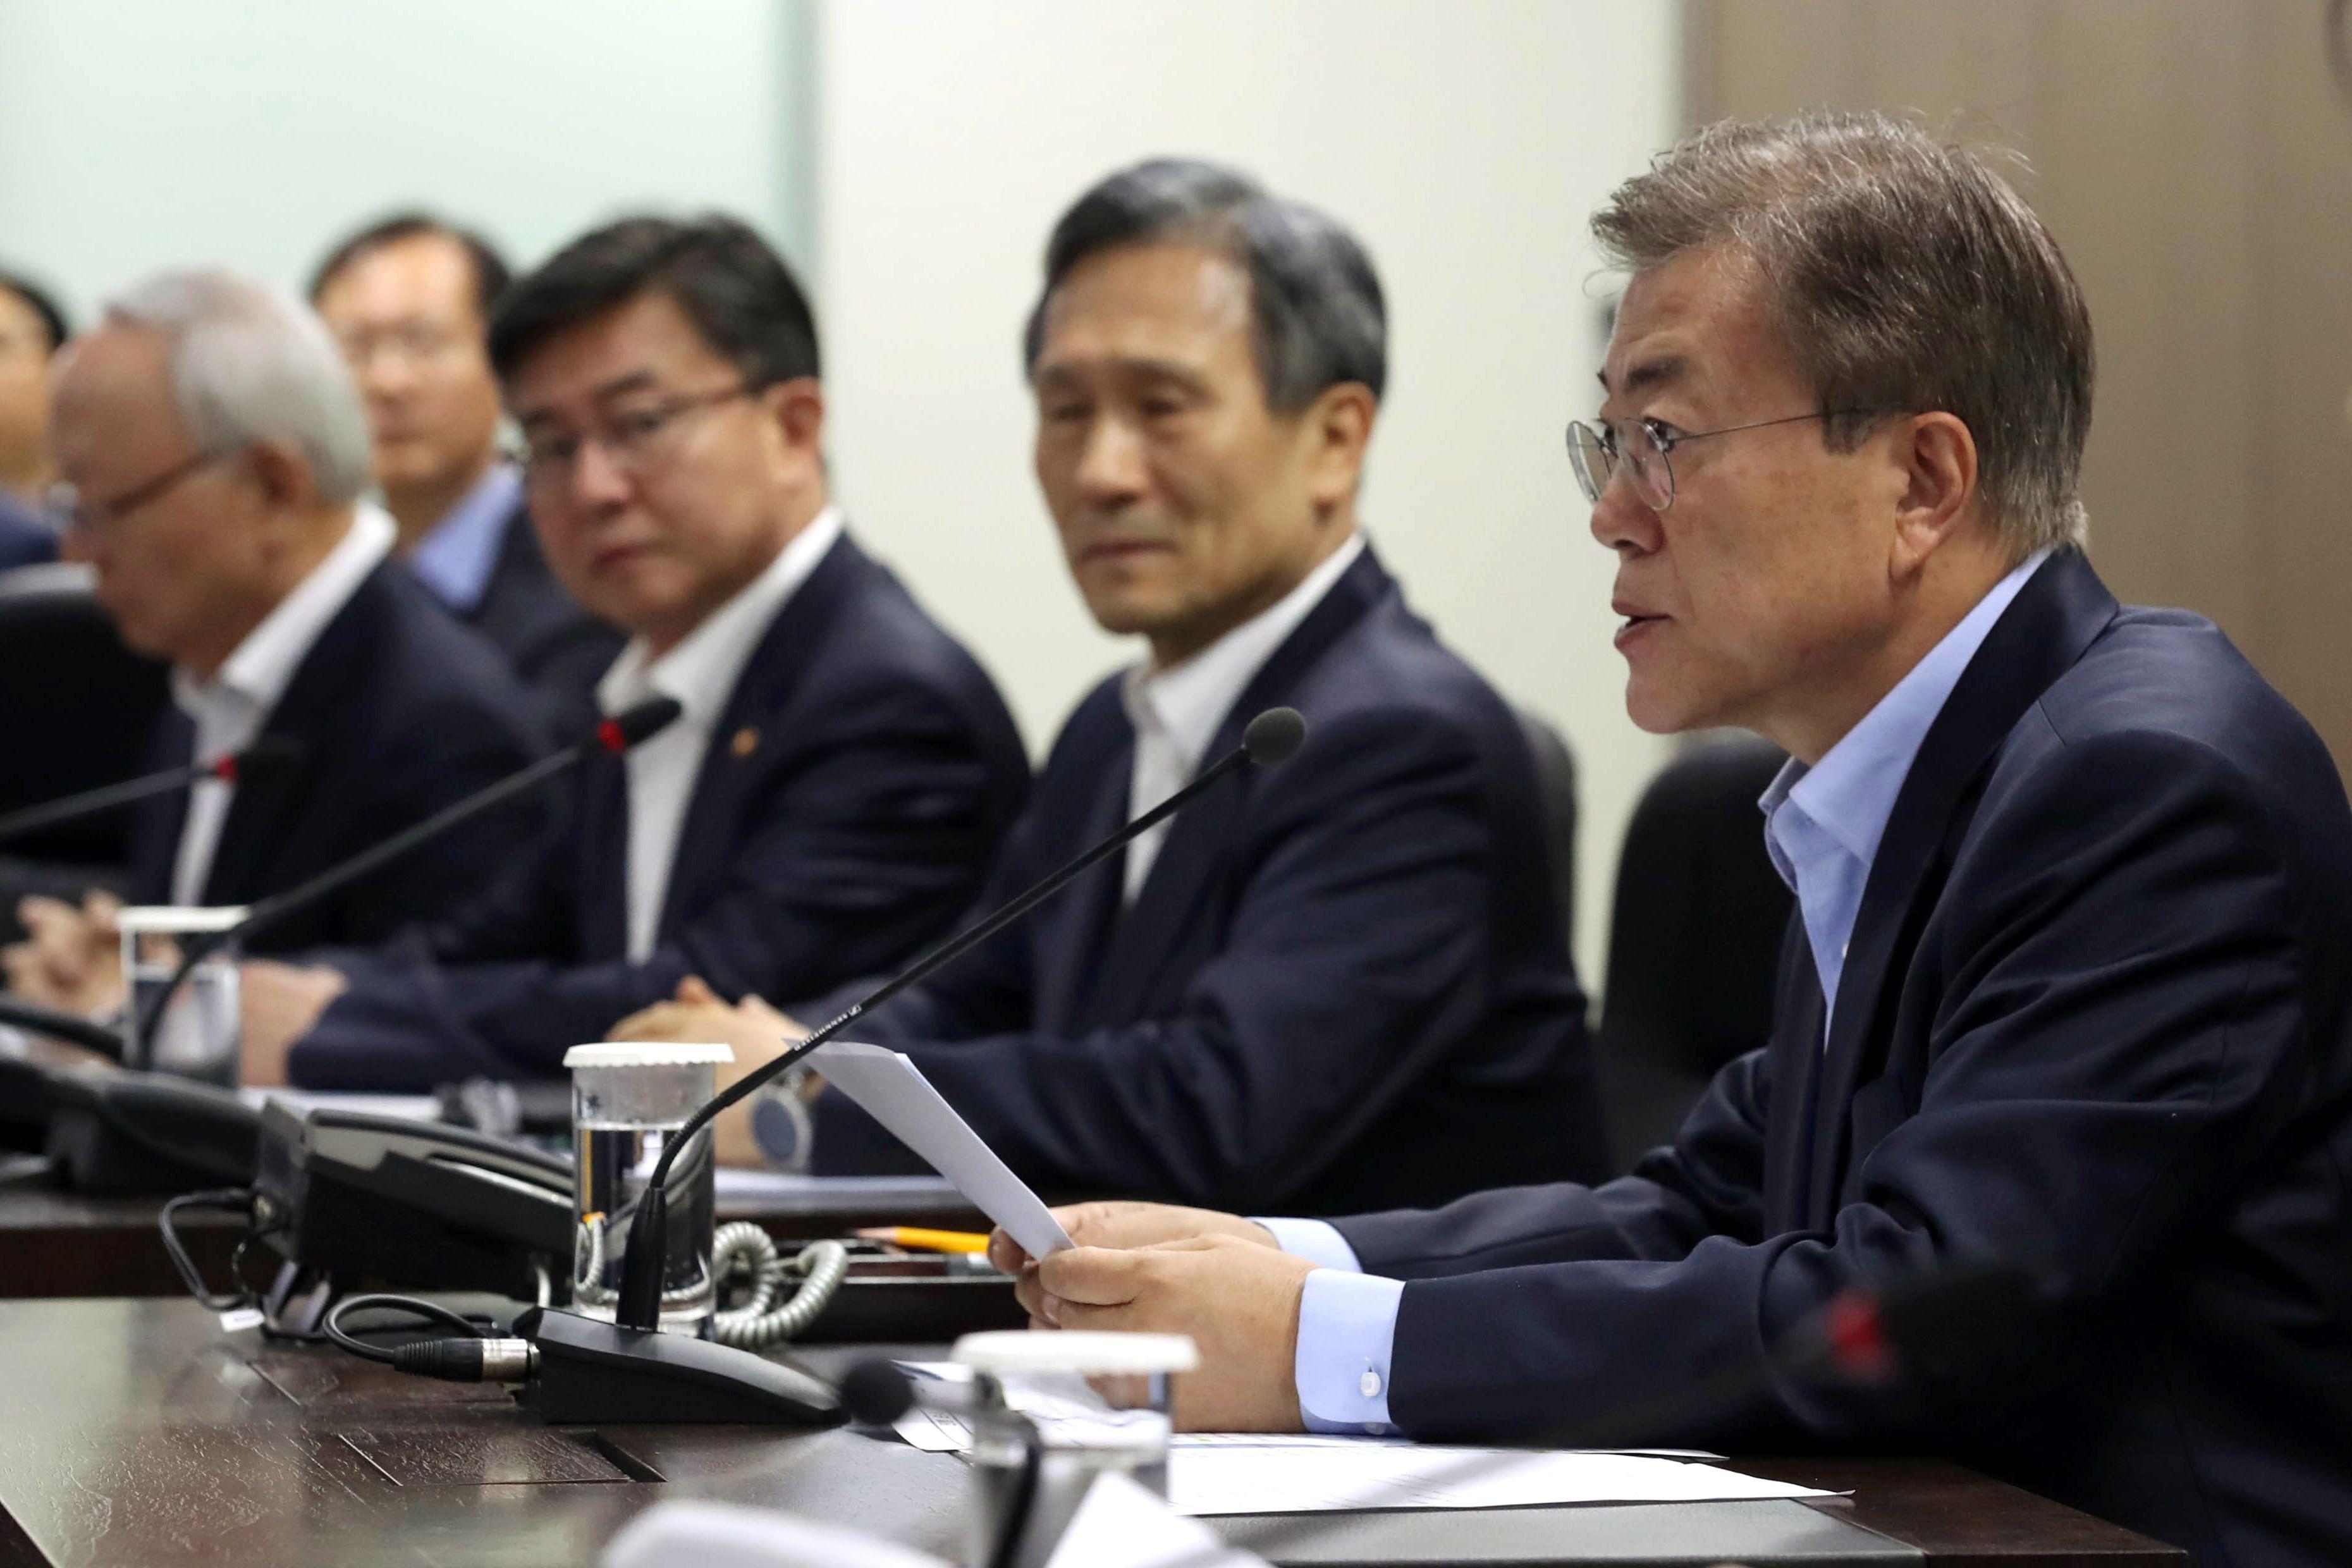 رئيس كوريا الجنوبية فى اجتماع طارئ عقده الرئيس مع مستشاريه الامنيين